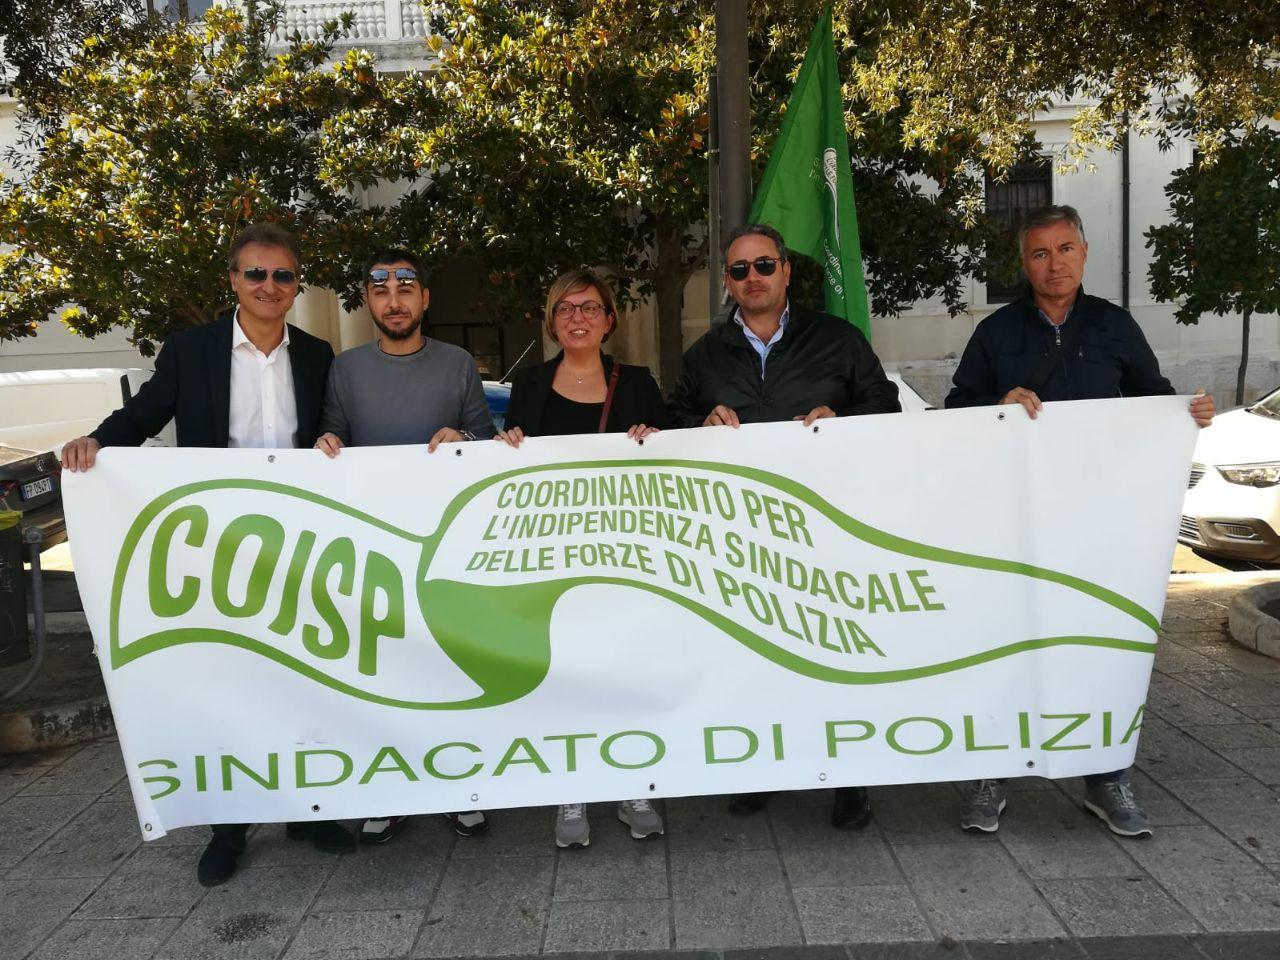 """Manifestazione del sindacato di Polizia. Bozzetti: """"Attenzione al tema sicurezza deve rimanere alta. Già impegno del Governo"""""""